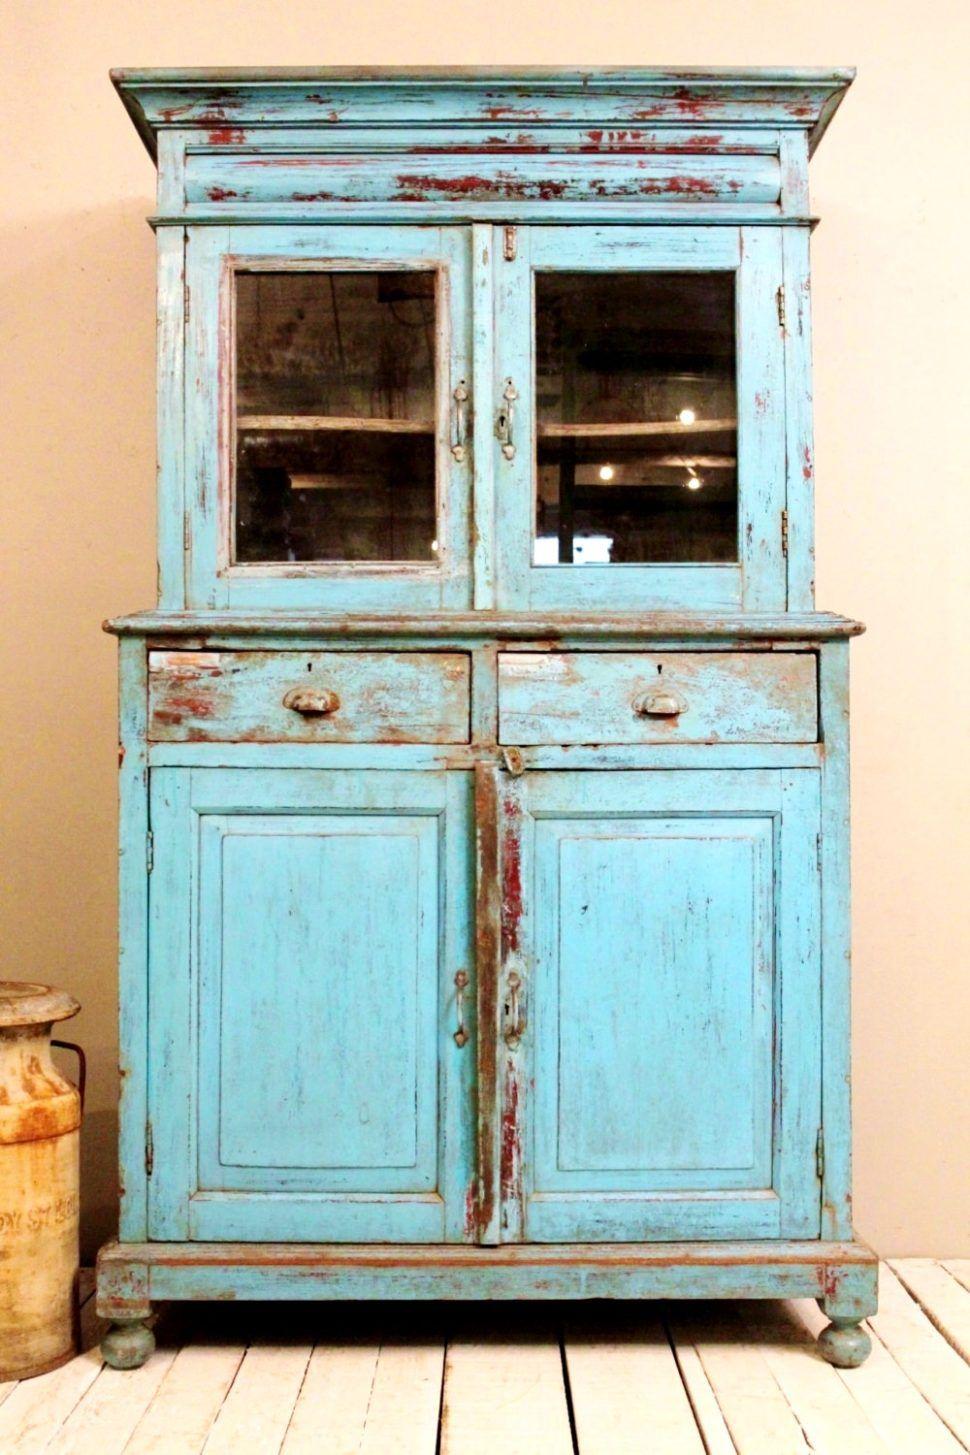 Perfekt Vintage Küche Kabinett   Vintage Küche U2013 Kabinett  Bei Der Verschönerung  Oder Umbau Ihres Hauses, Der Möbel Ist Oft Teue... #Küchen